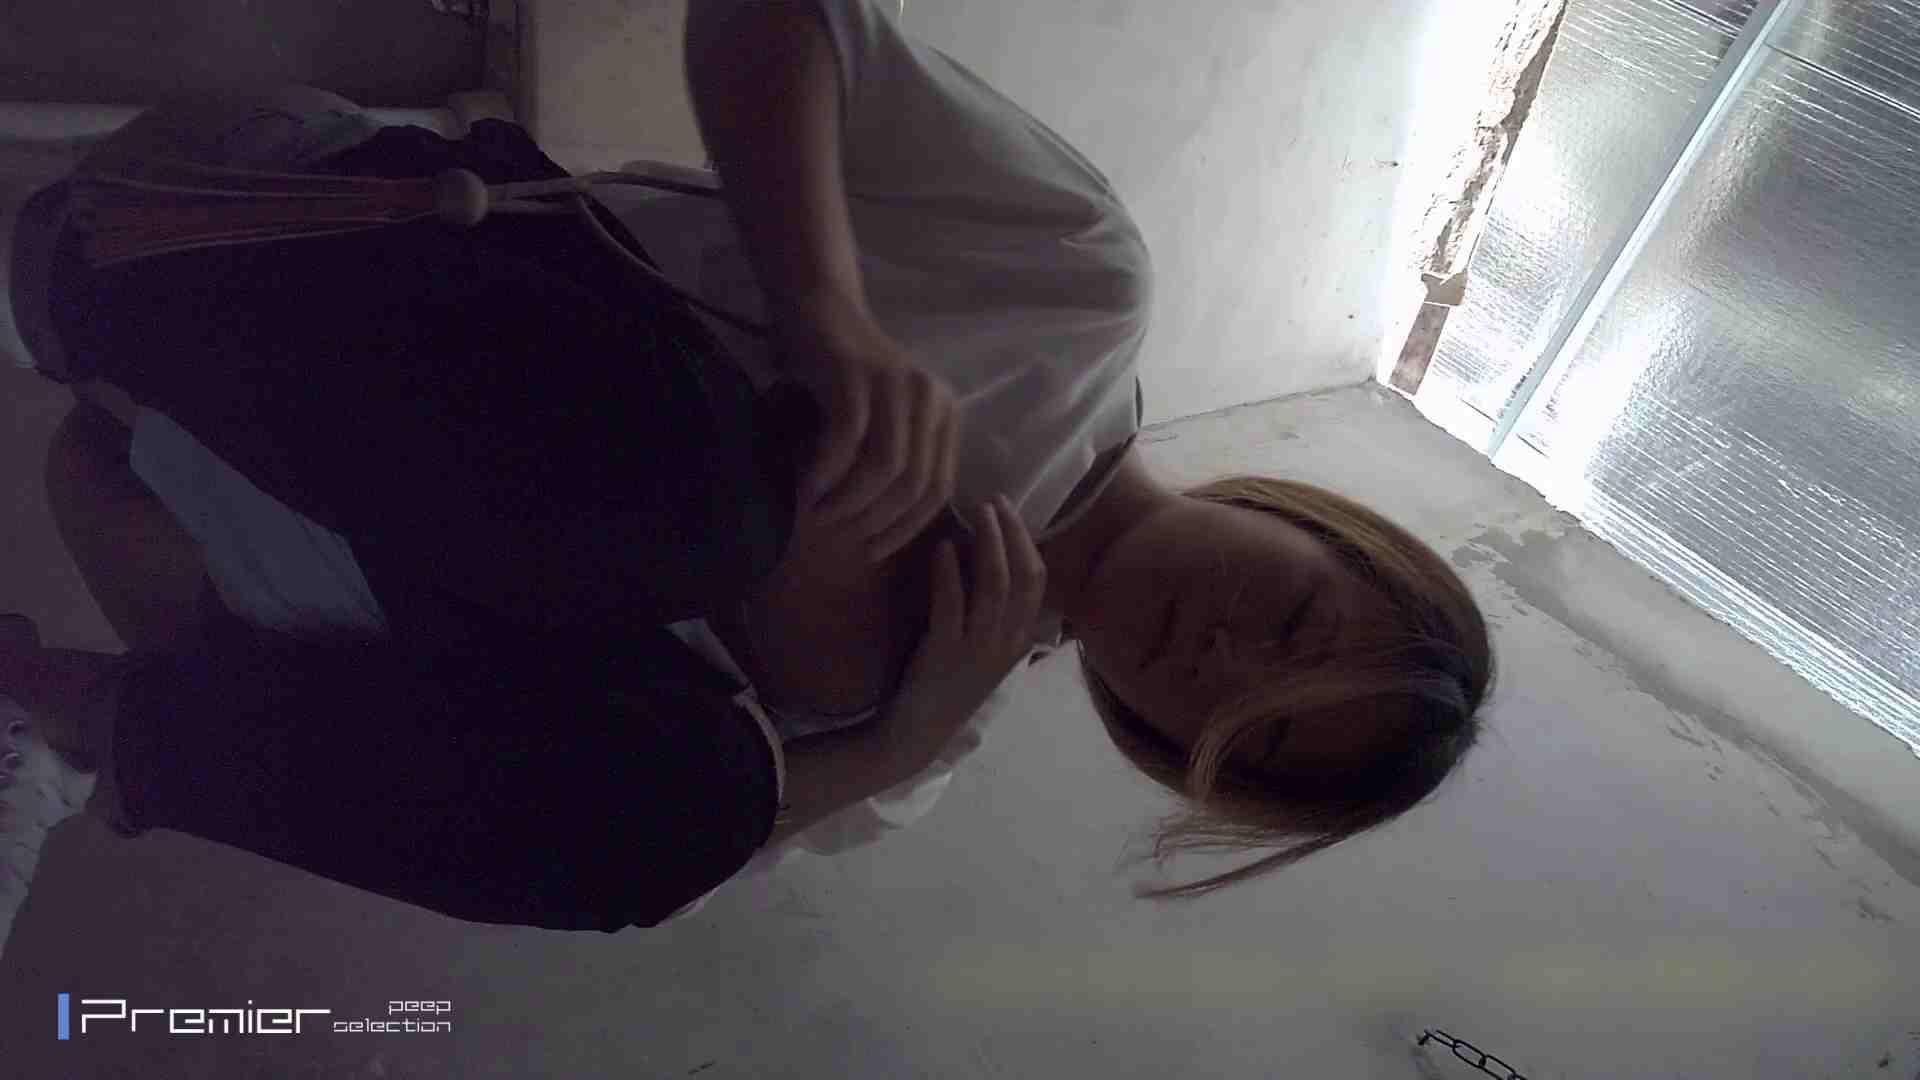 トイレシーンを密着盗撮!! 美女の痴態に密着!Vol.14 洗面所 AV動画キャプチャ 103PIX 50